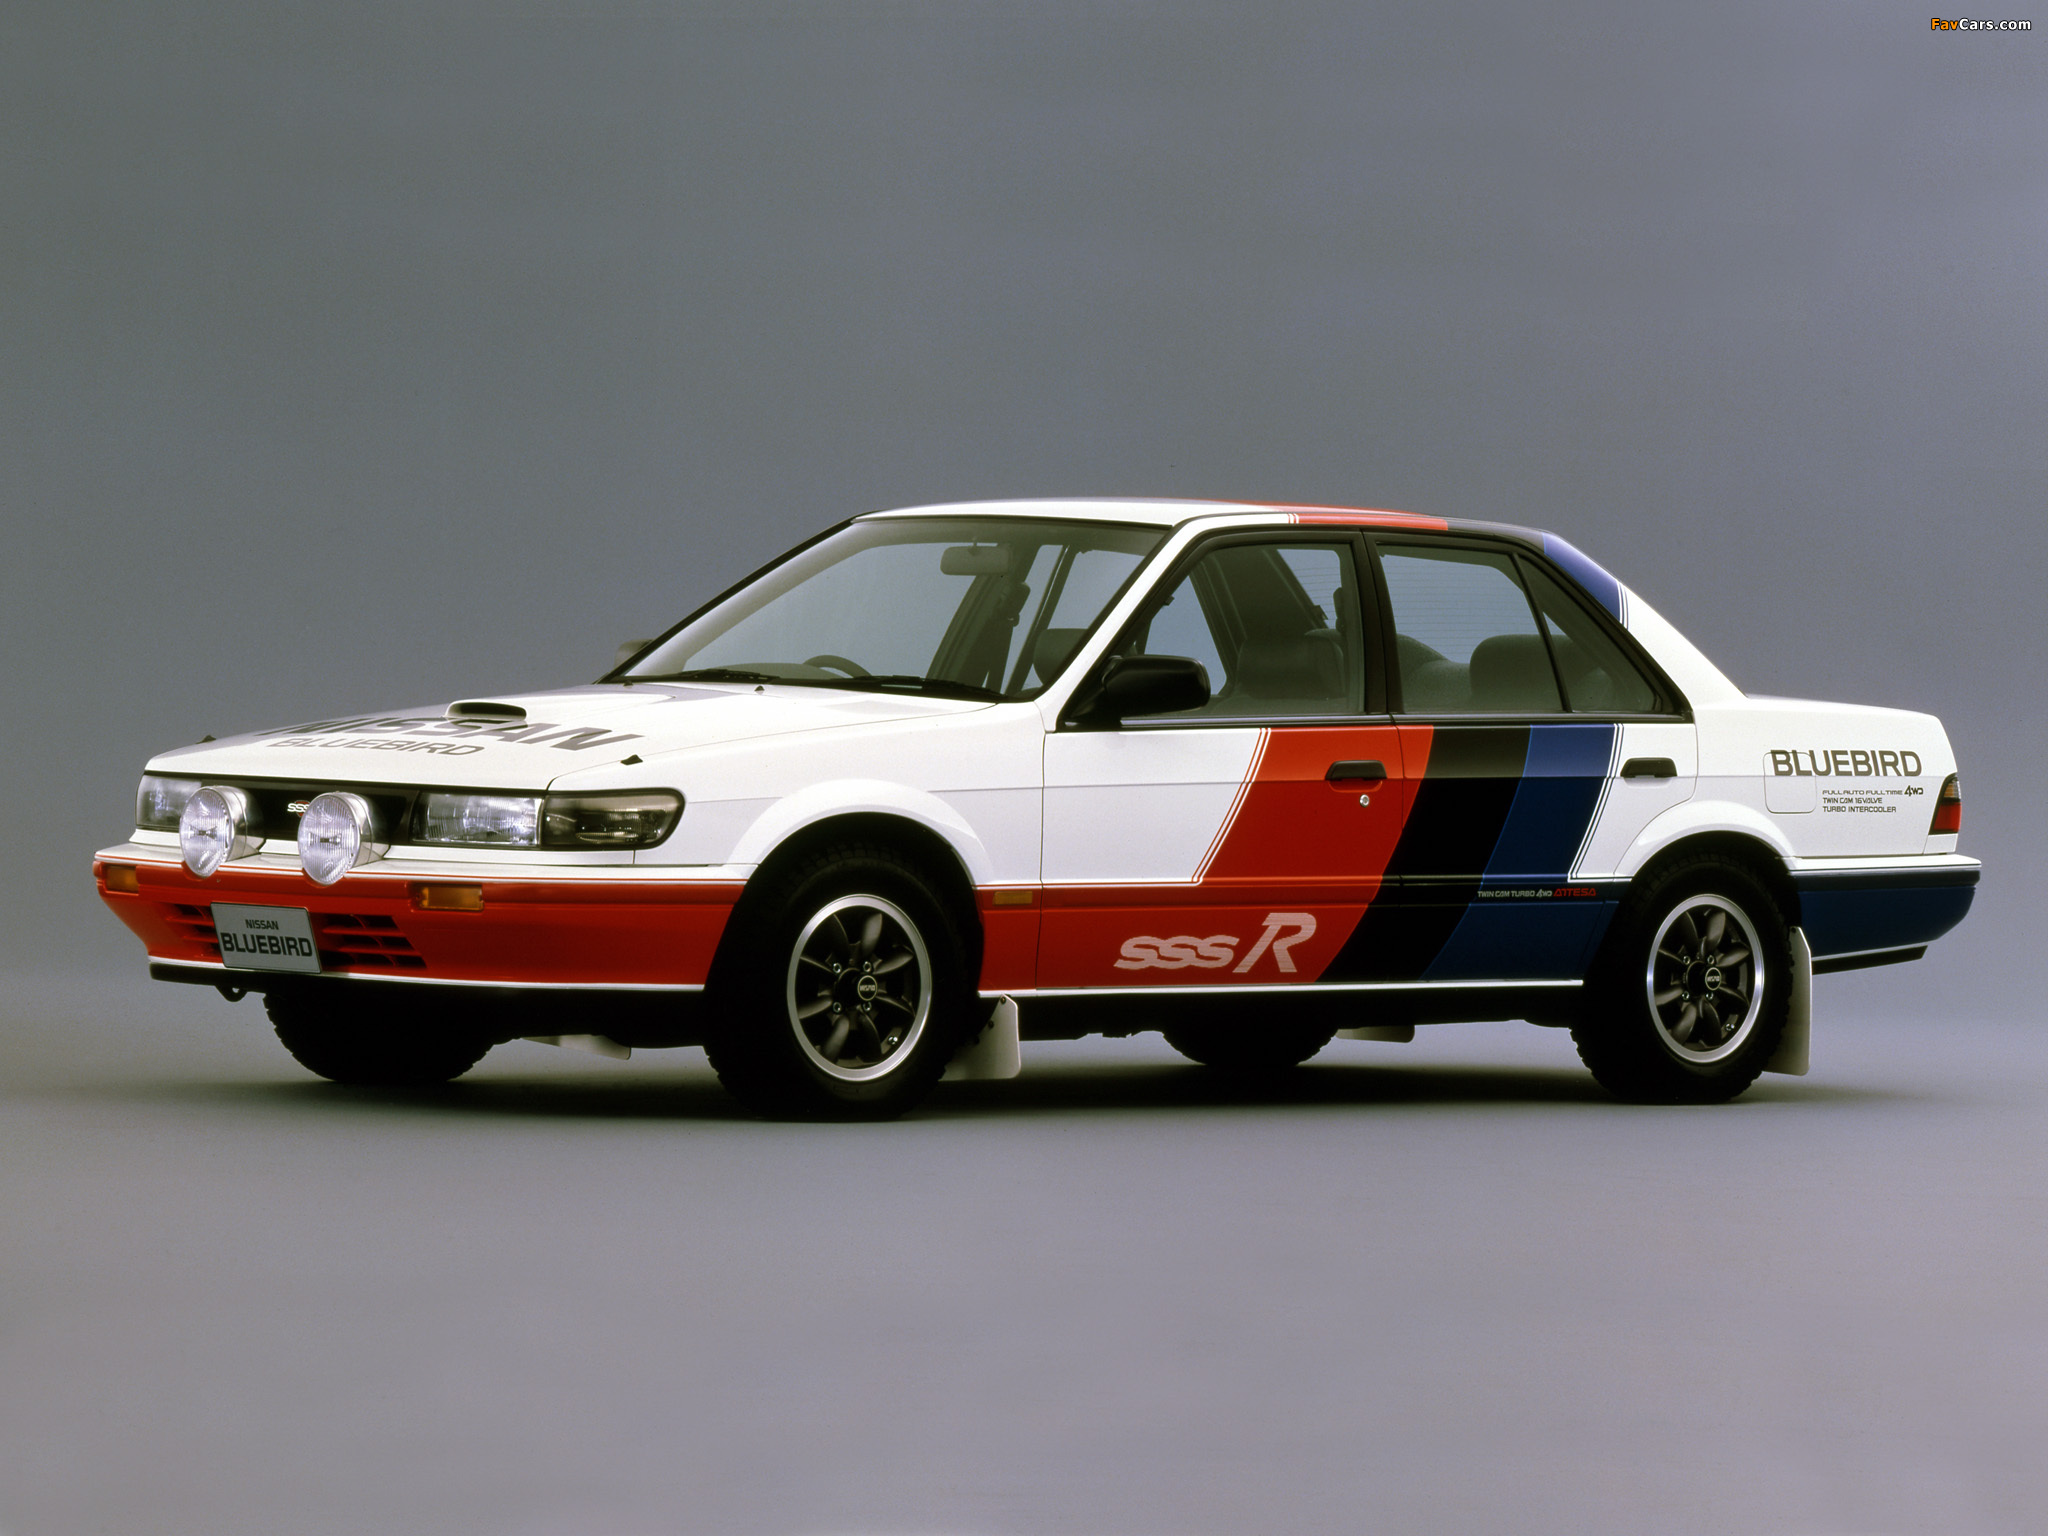 Nissan Bluebird Sss R U12 1987 91 Wallpapers 2048x1536